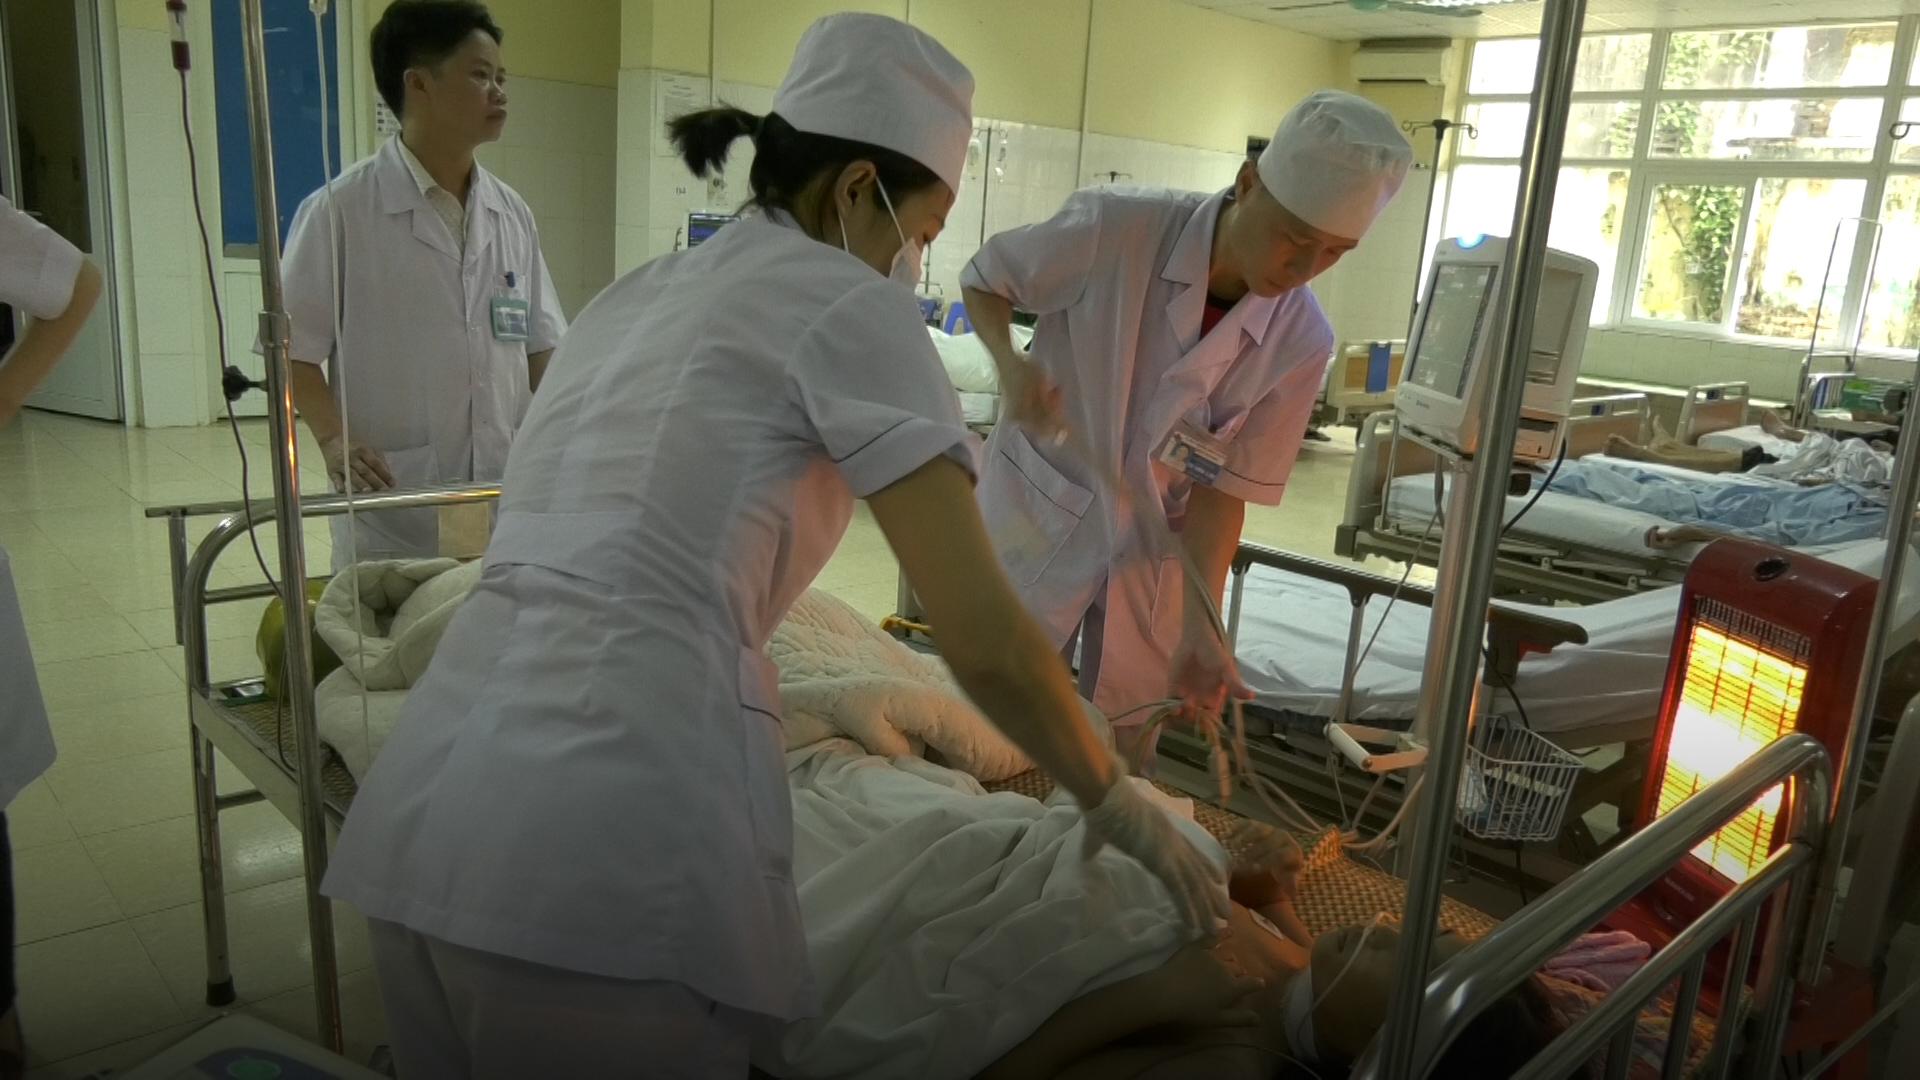 Nam thanh niên cầm dao gây án tại trường tiểu học ở Thanh Hóa